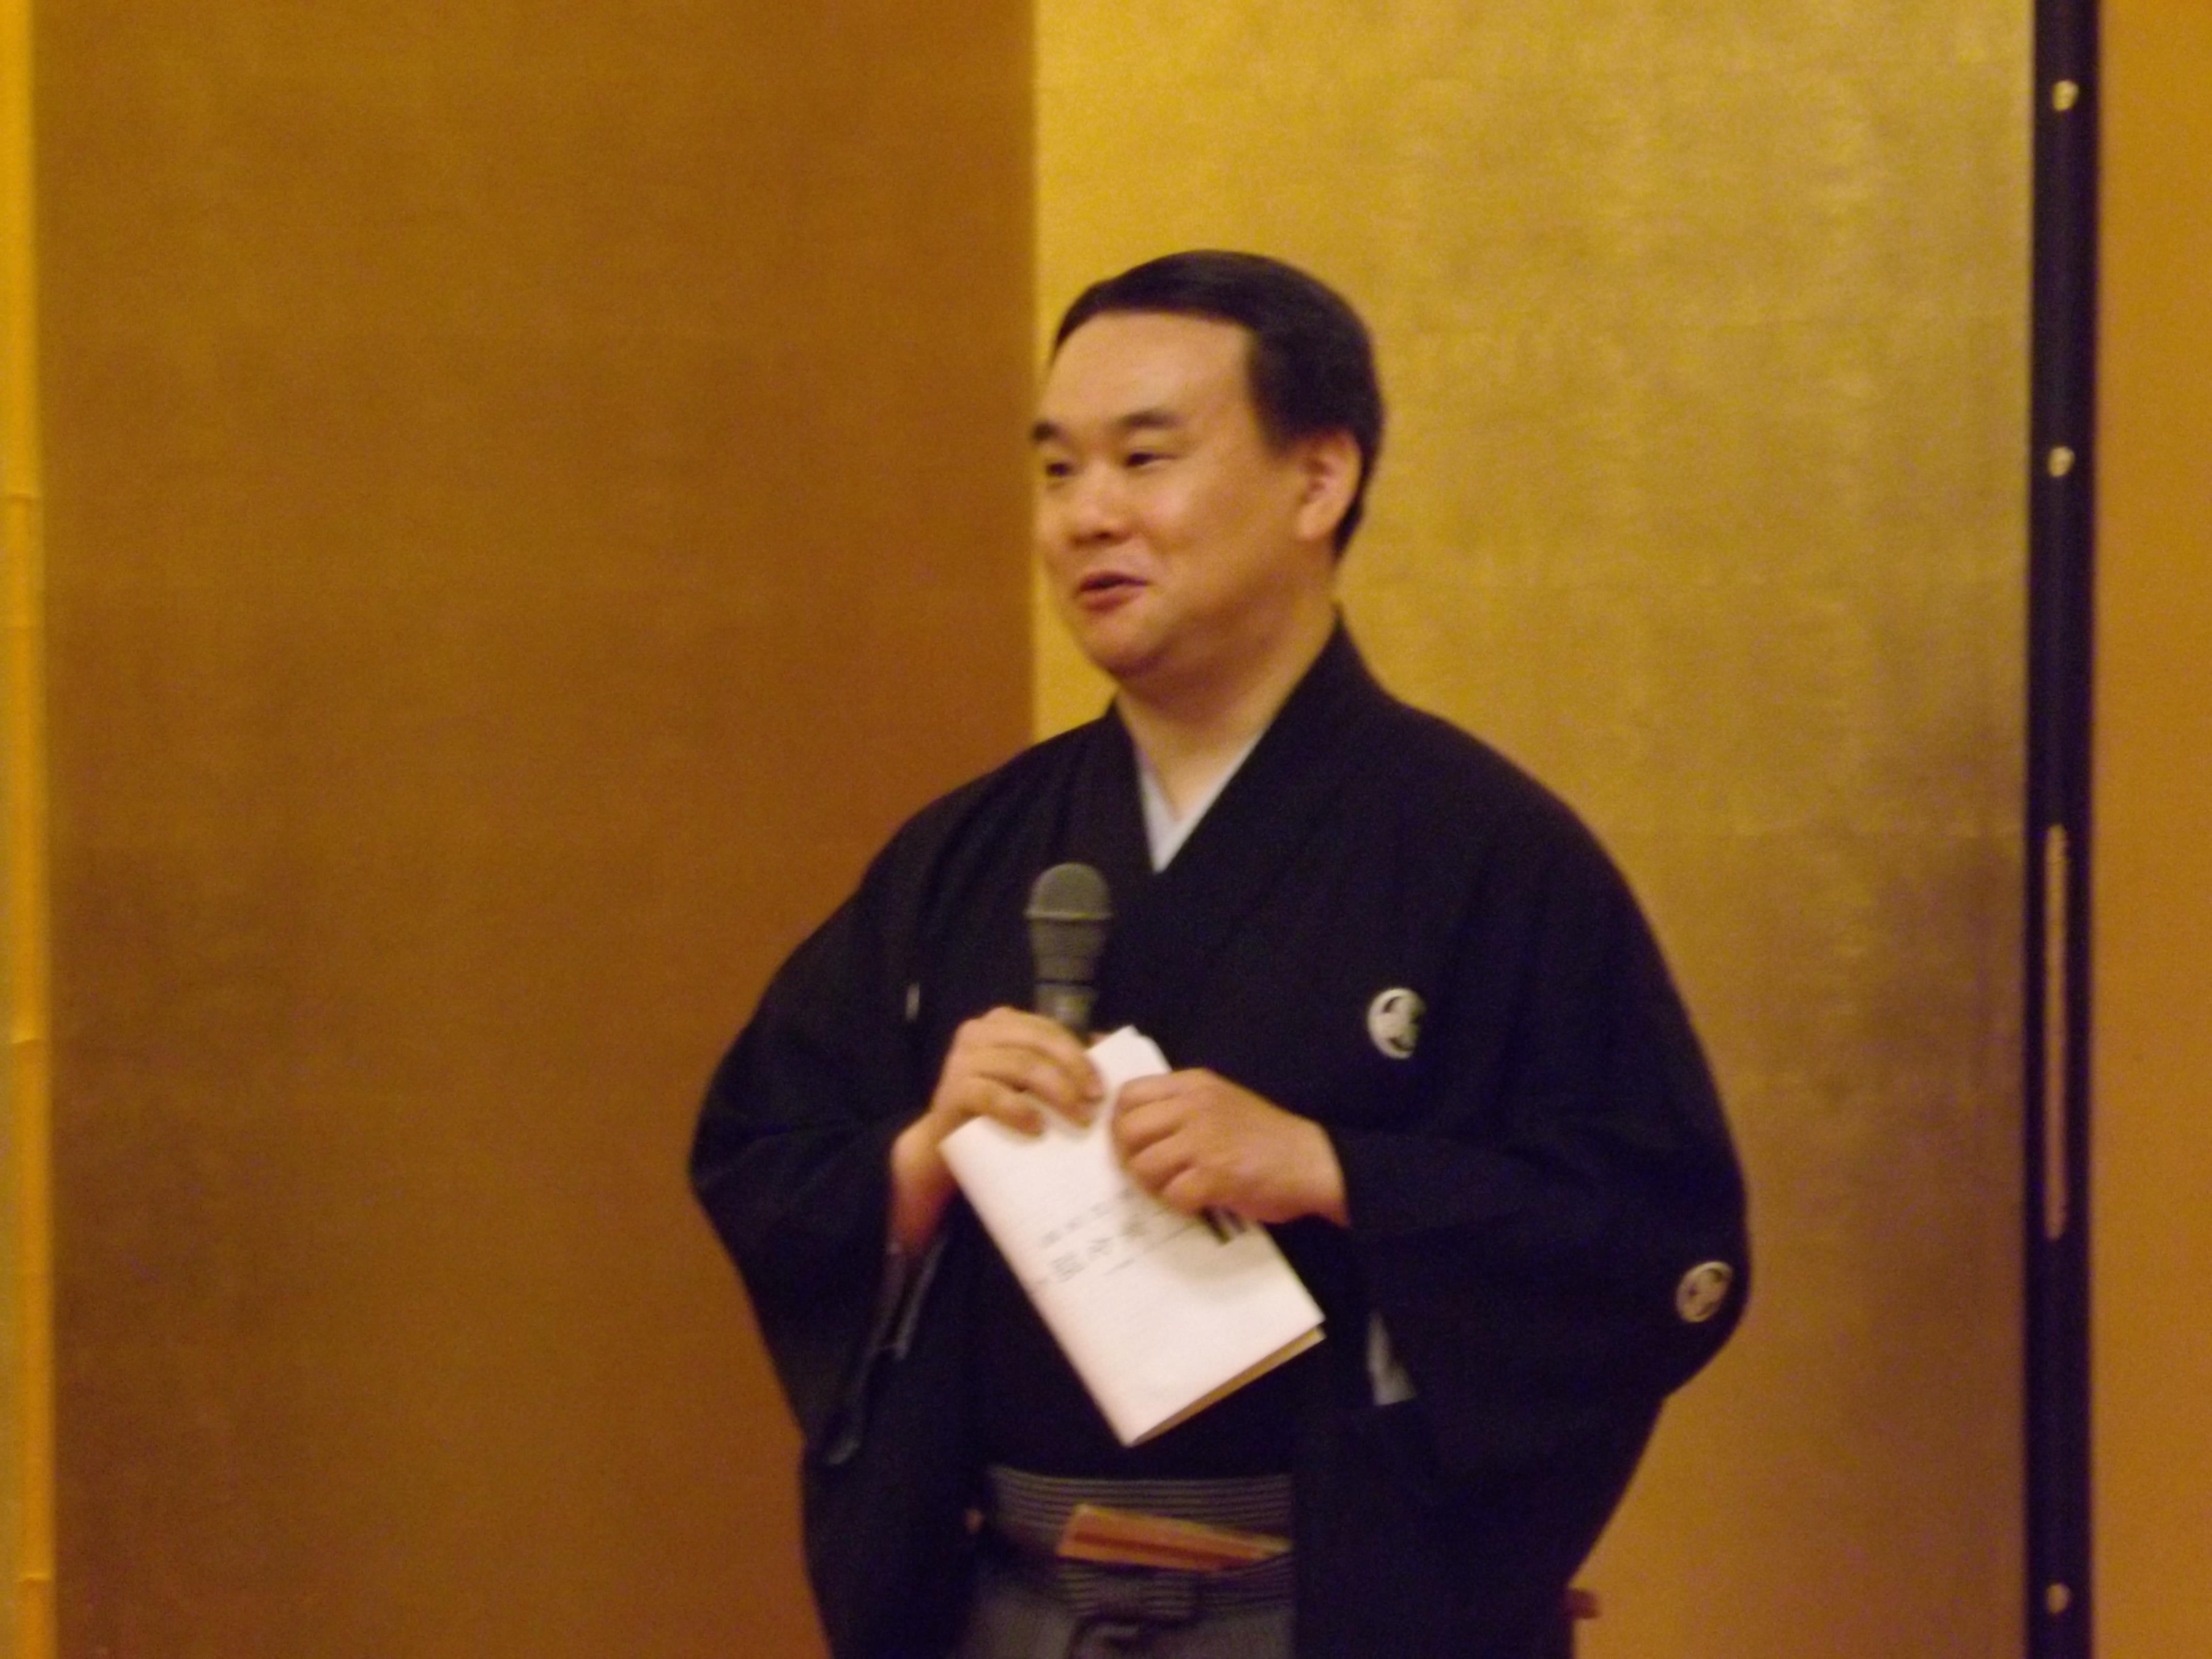 2012年度 企画・ナビゲーター:田茂井廣道氏